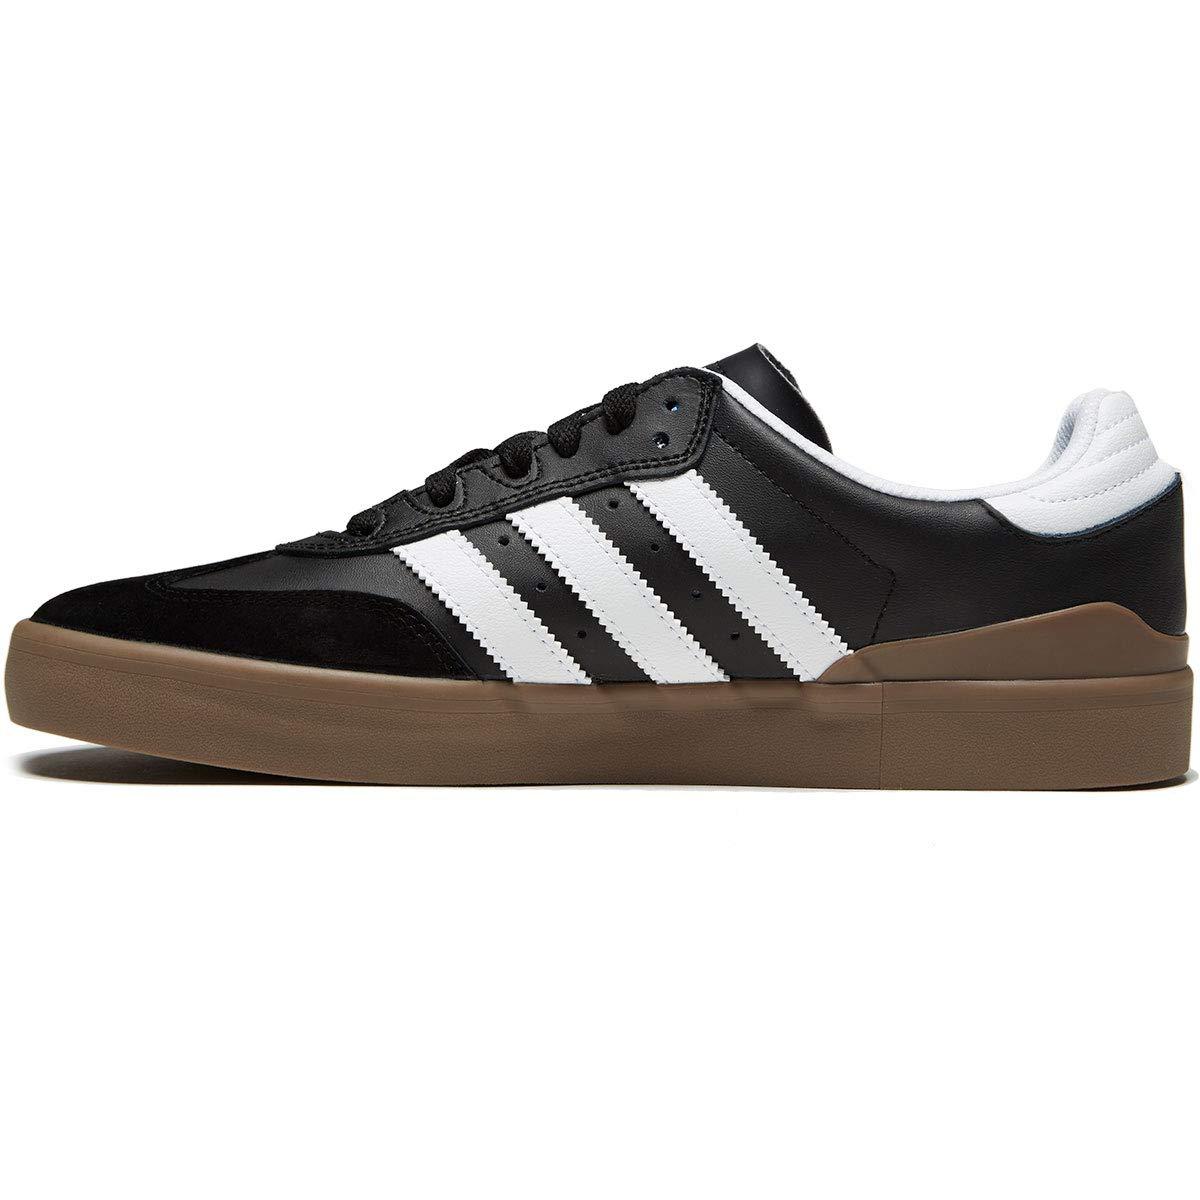 Busenitz Rx Black Mens Adidas White Shoes Vulc 6 Gum 8wvPyNOmn0